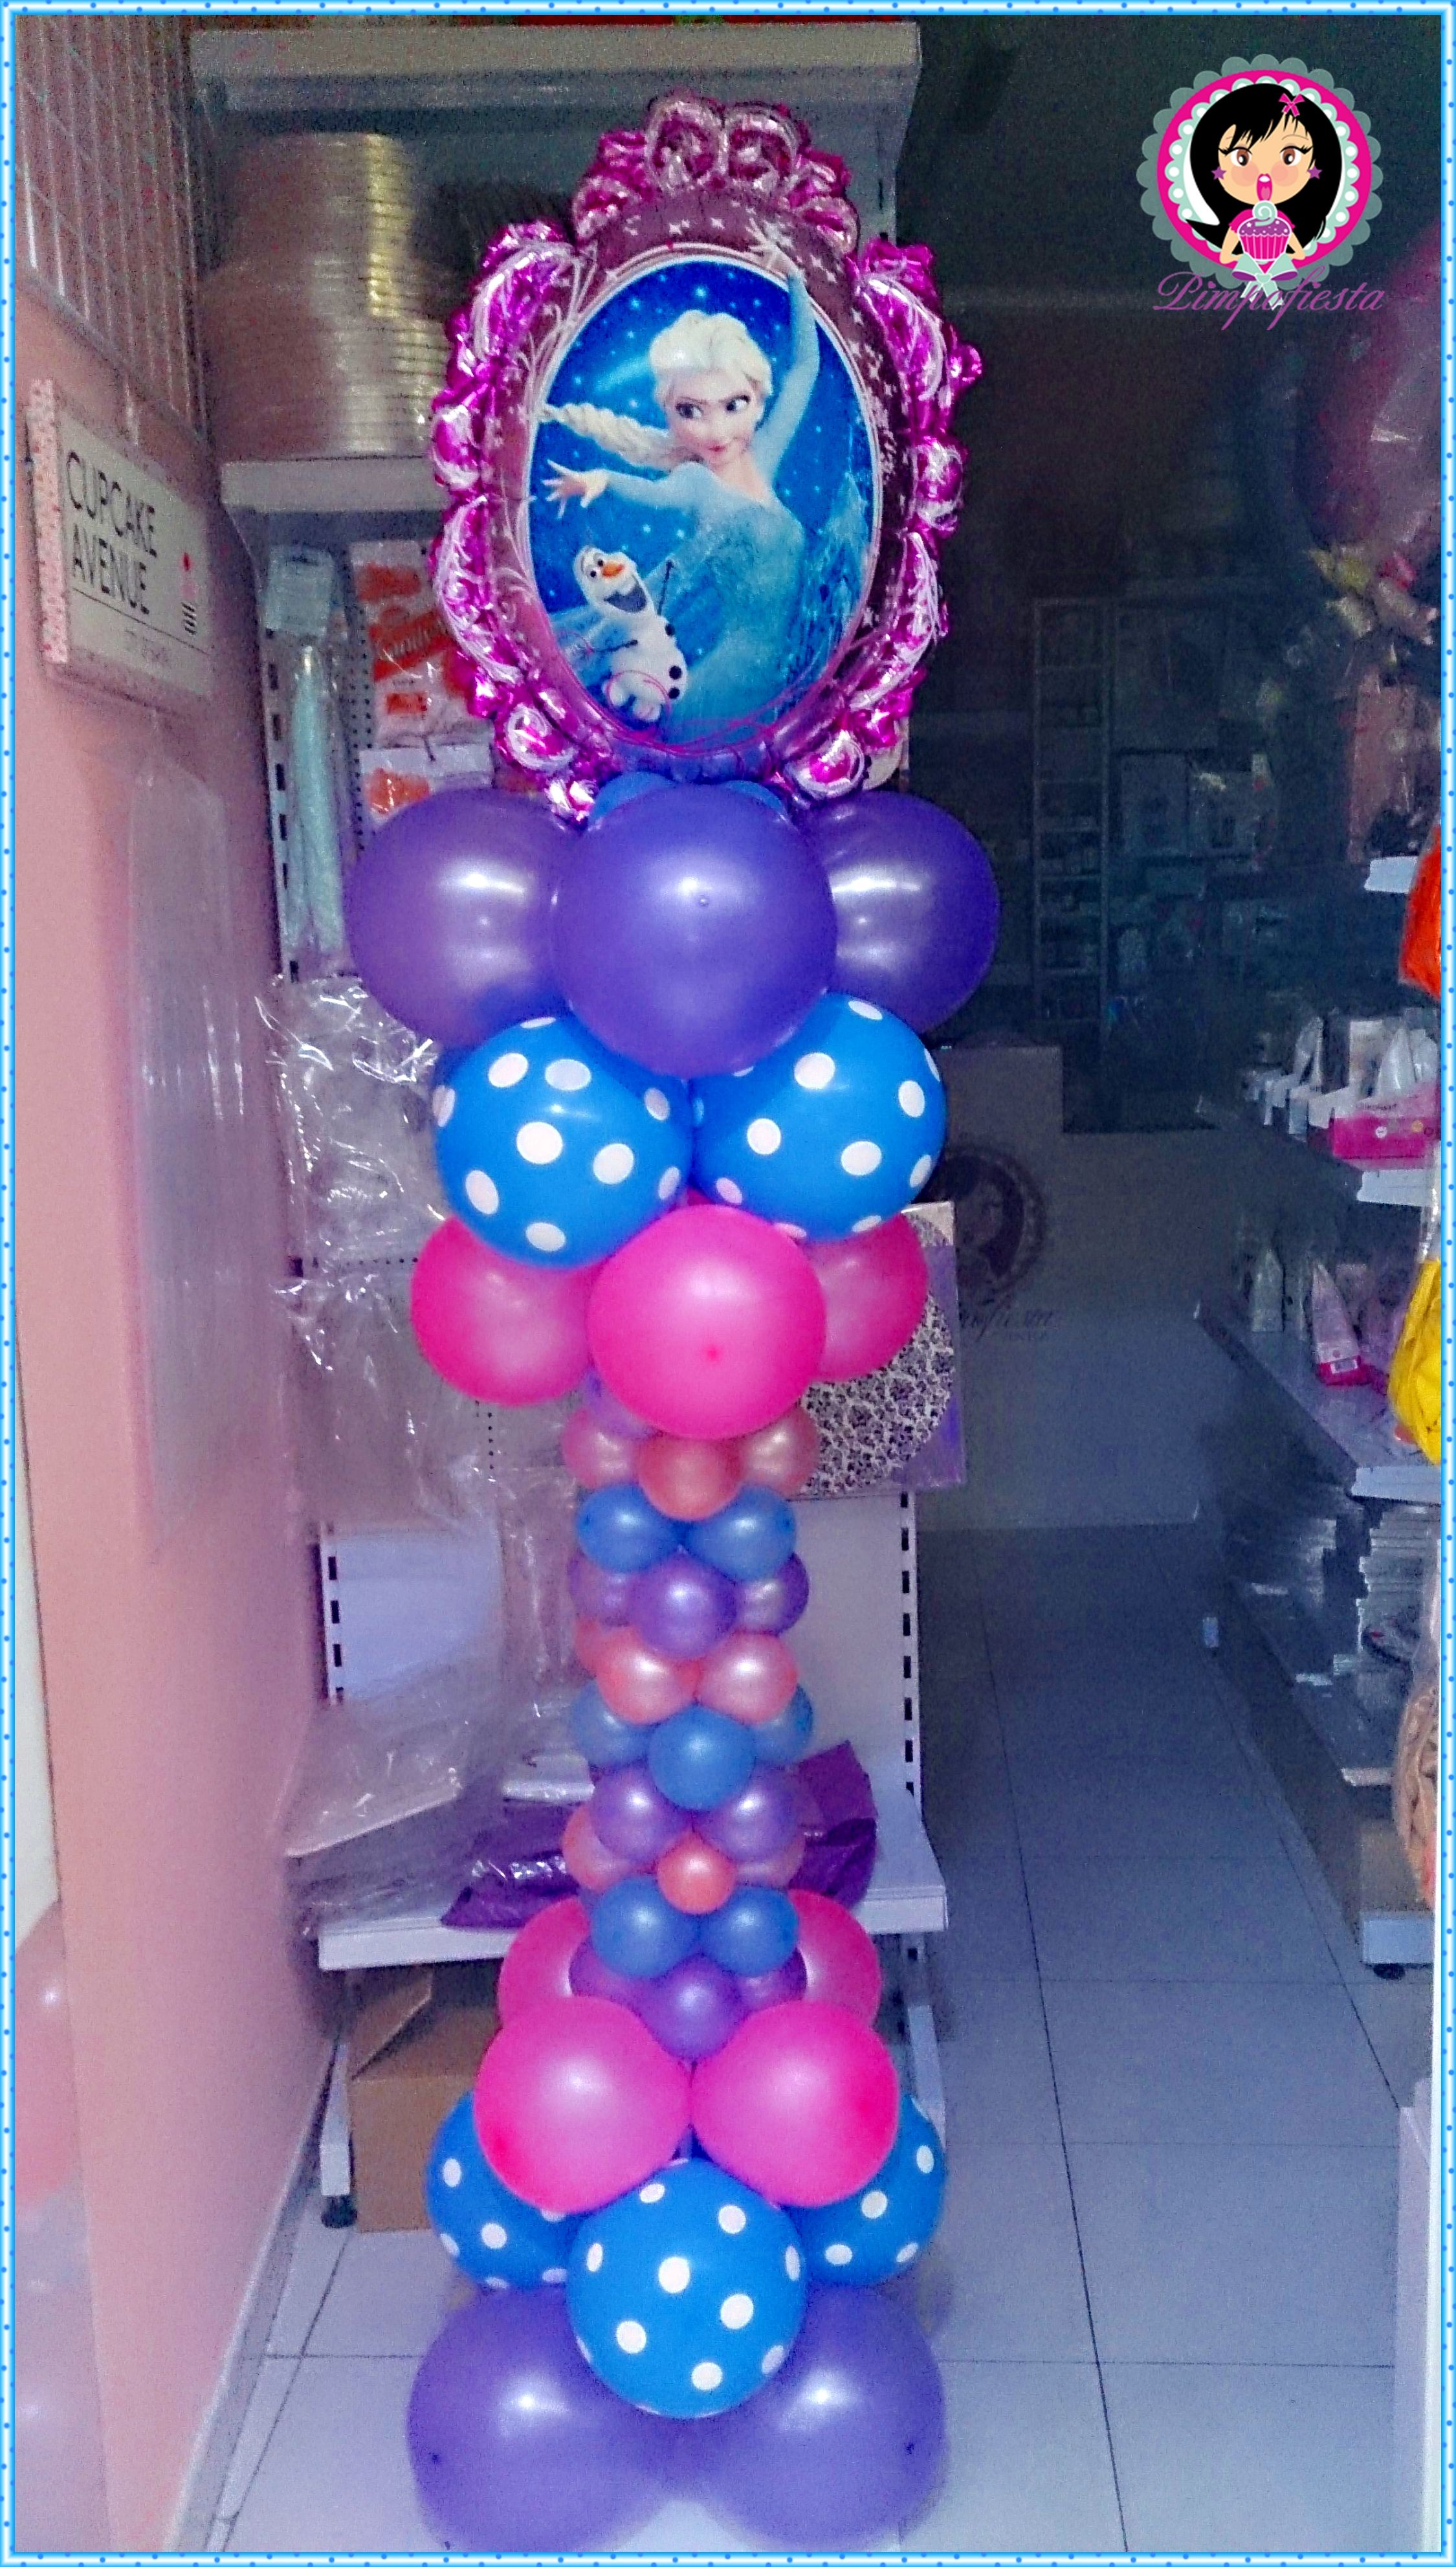 cumplea 241 os frozen con globos y regala ilusiones decoracion con globos para de frozen cumplea 241 os frozen con globos y regala ilusiones